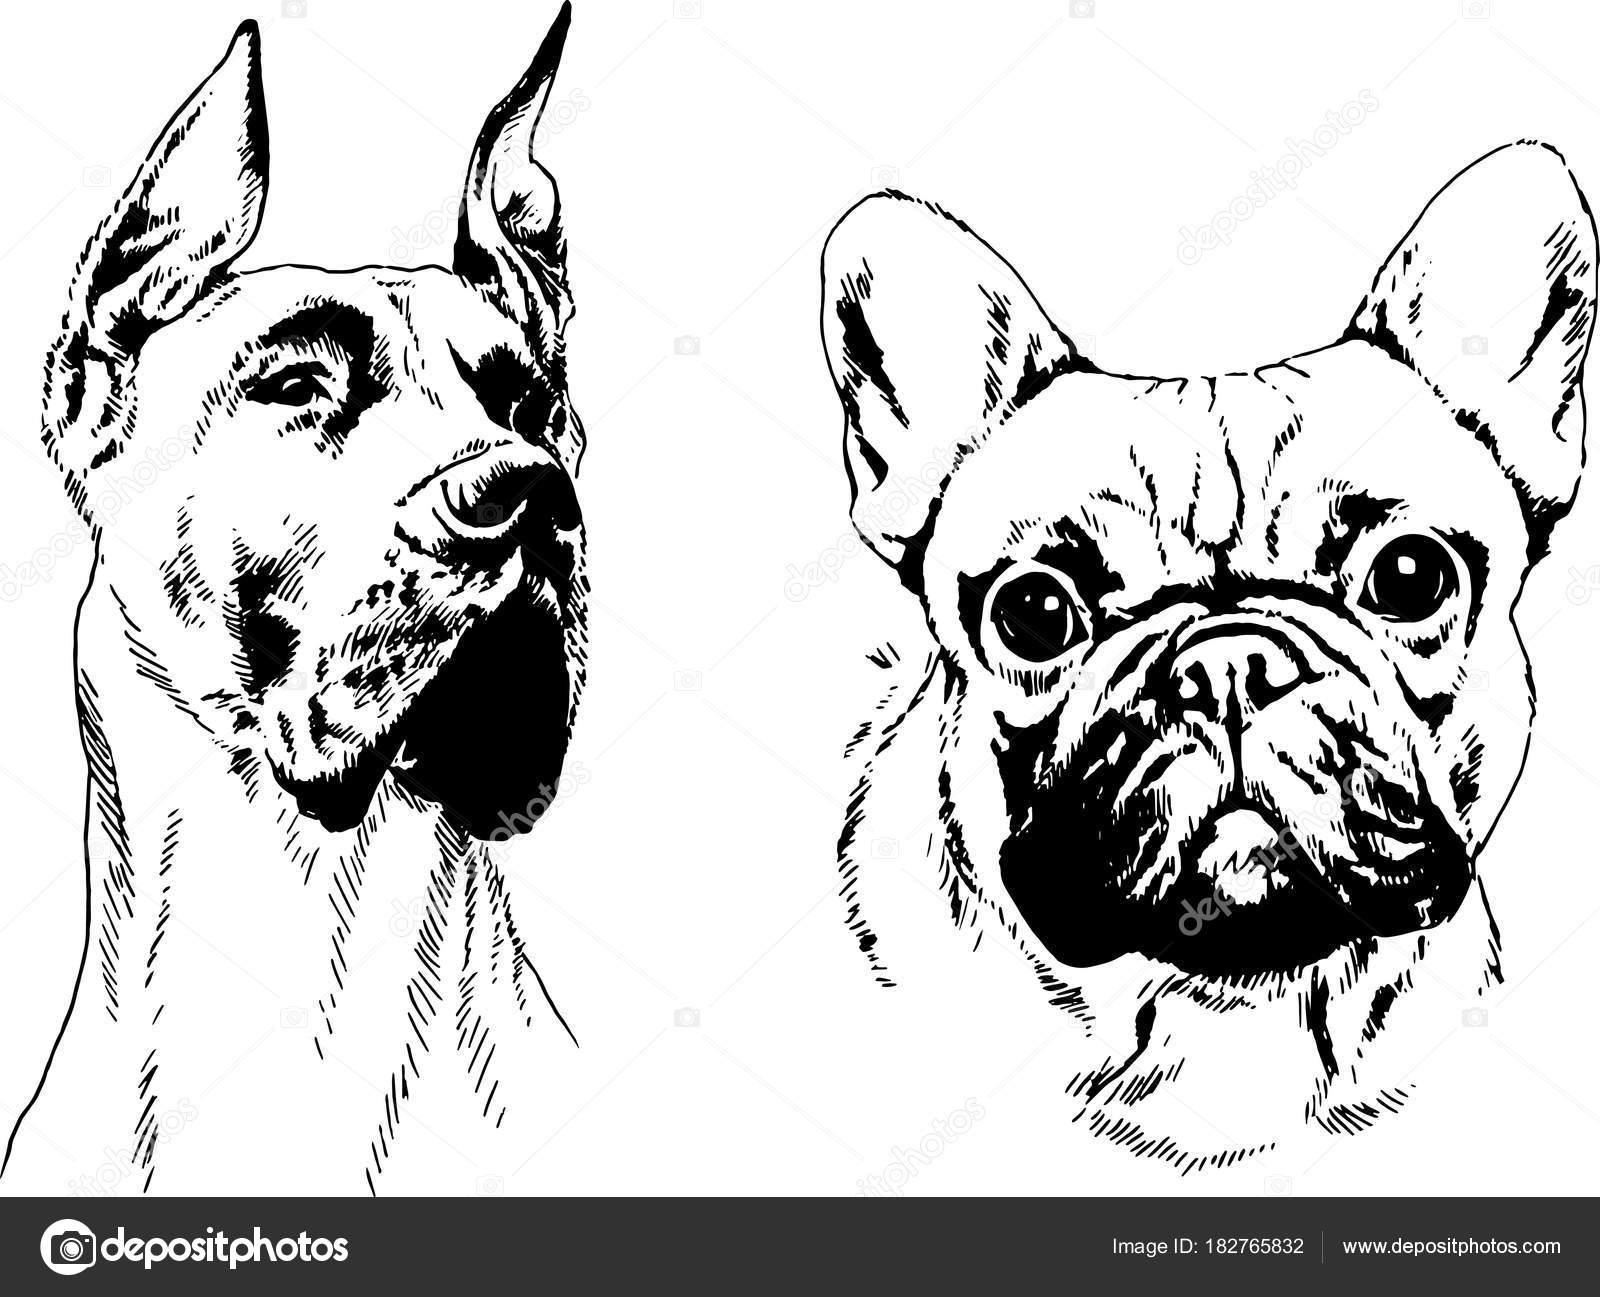 Vectores Dibujos Dibujos Perros Raza Las Rejillas Dibujadas Mano